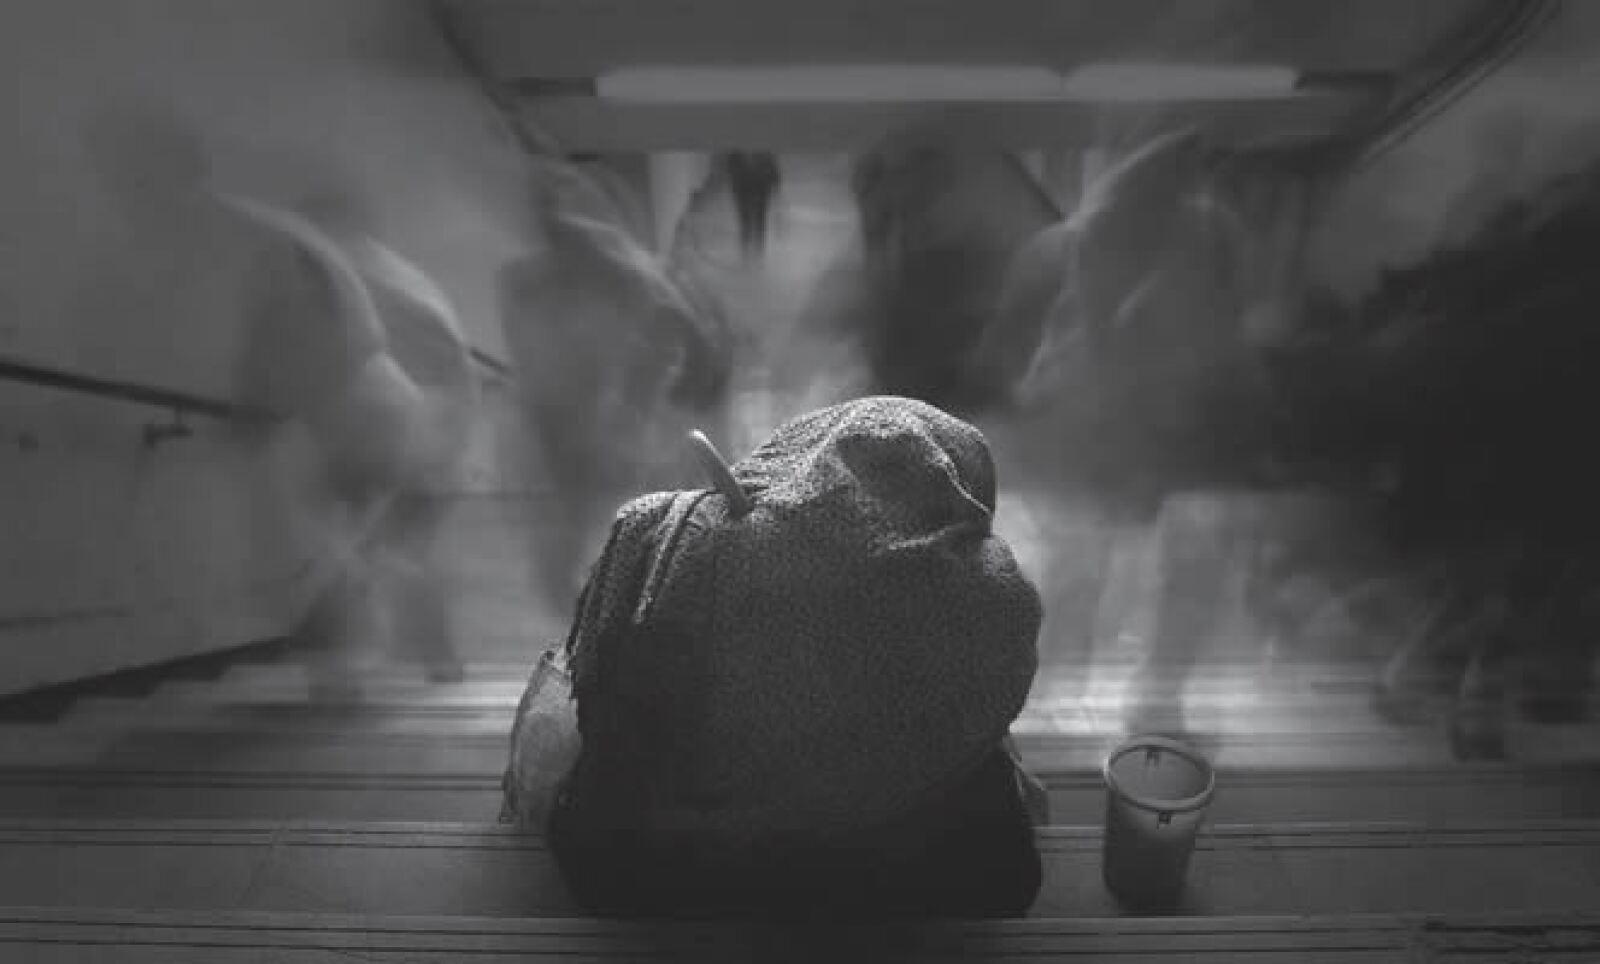 La estación Pantitlán del Metro de la Ciudad de México fue testigo de la percepción de Alejandro Fernández. El fotógrafo se hizo acreedor de 6,000 dólares entre efectivo y equipo fotográfico.